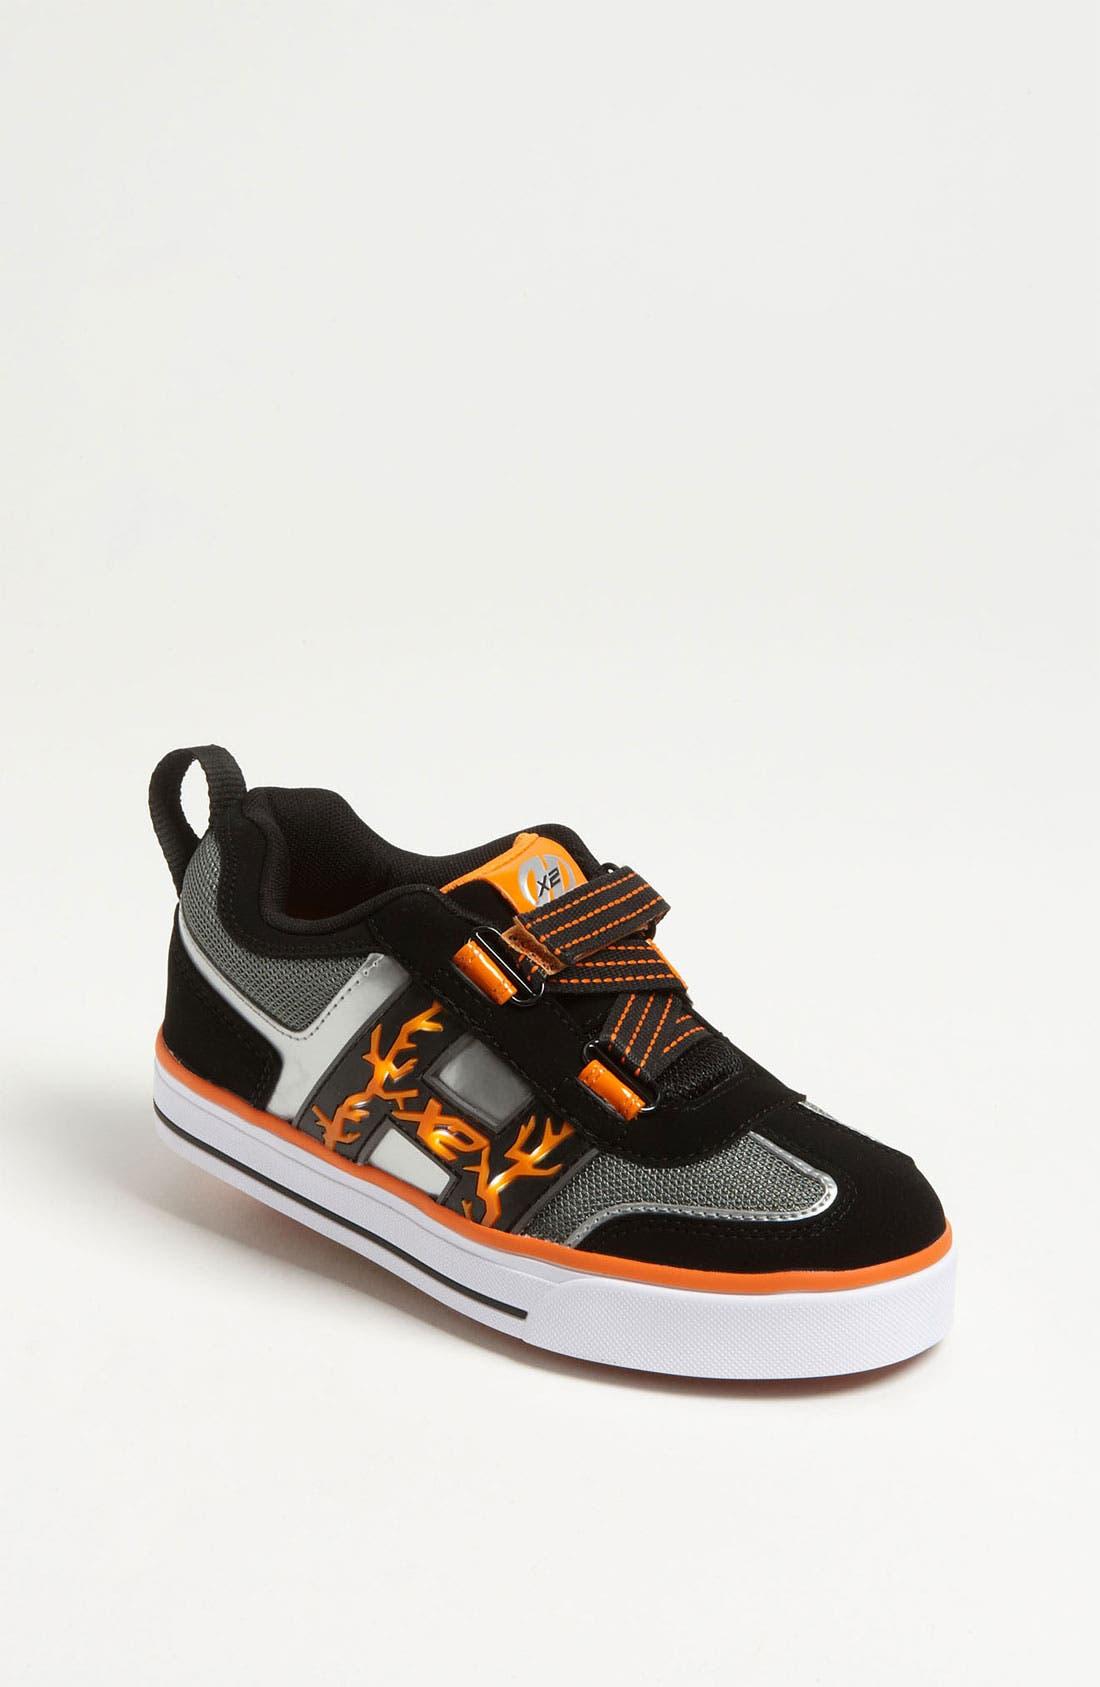 Alternate Image 1 Selected - Heelys 'Bolt' Light-Up Skate Shoe (Toddler & Little Kid)